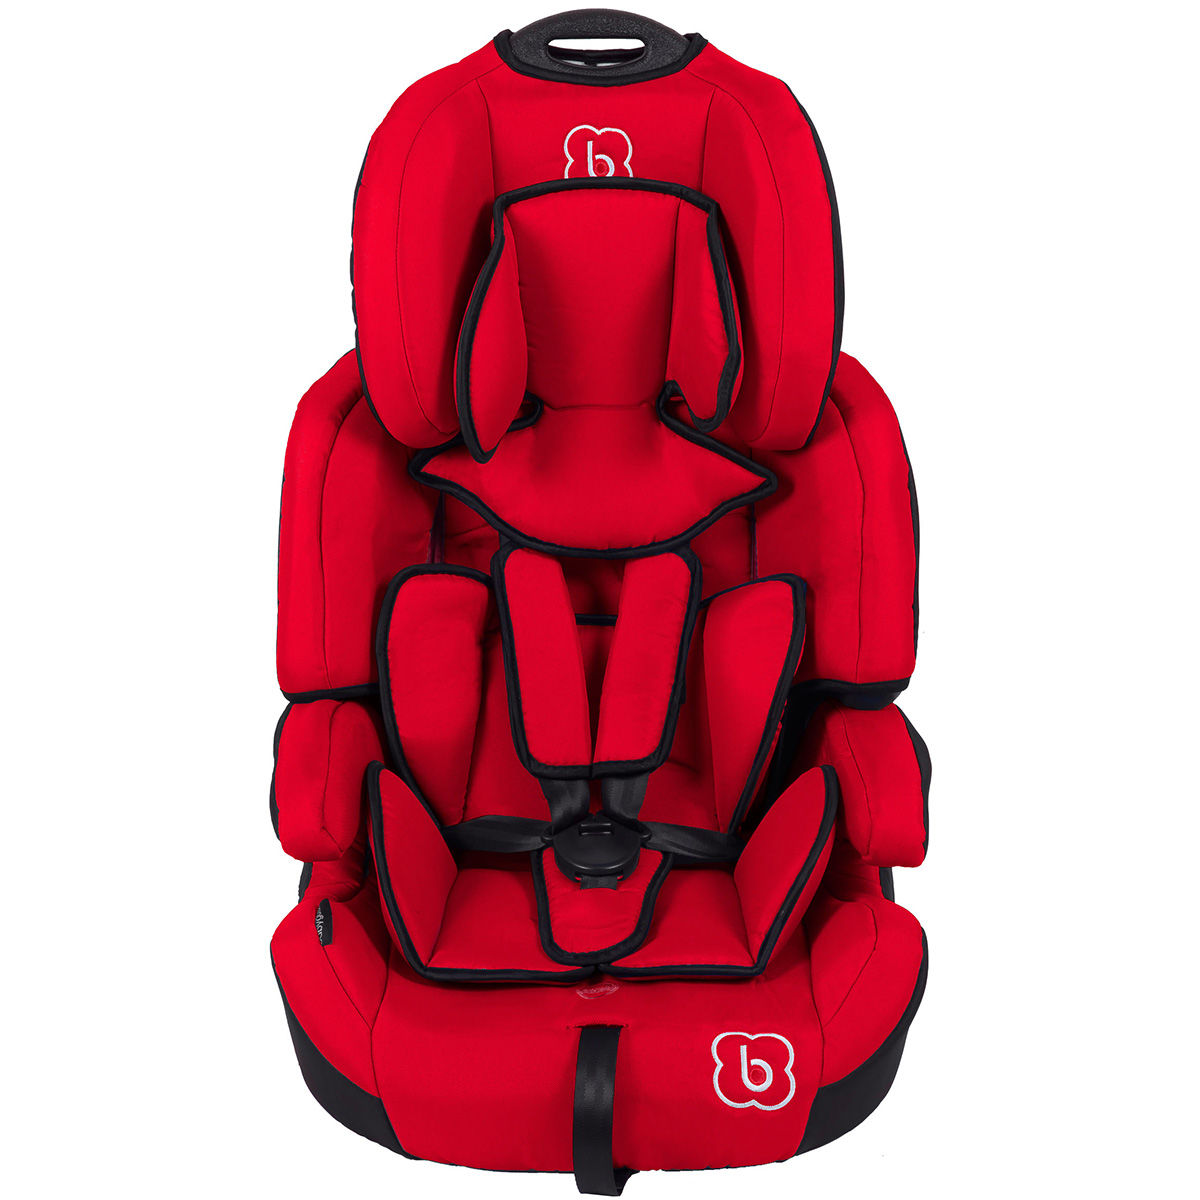 Afbeelding van Autostoel BabyGO GoSafe Rood (9-36kg)